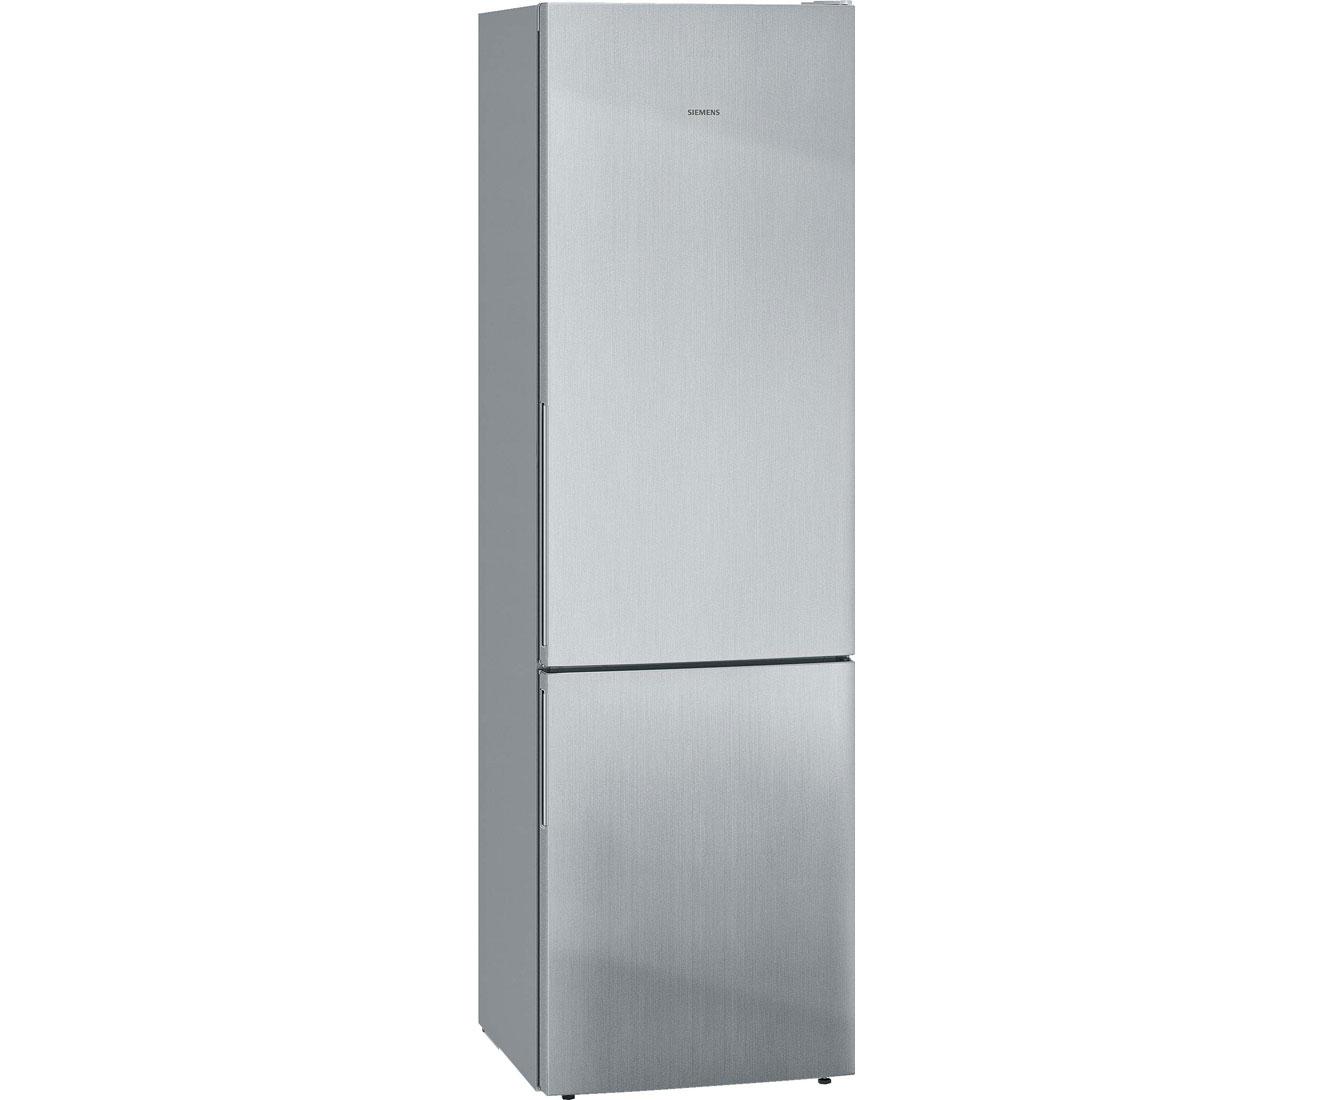 Gorenje Kühlschrank Rk 61620 X : Kühl gefrierkombination edelstahl preisvergleich u2022 die besten